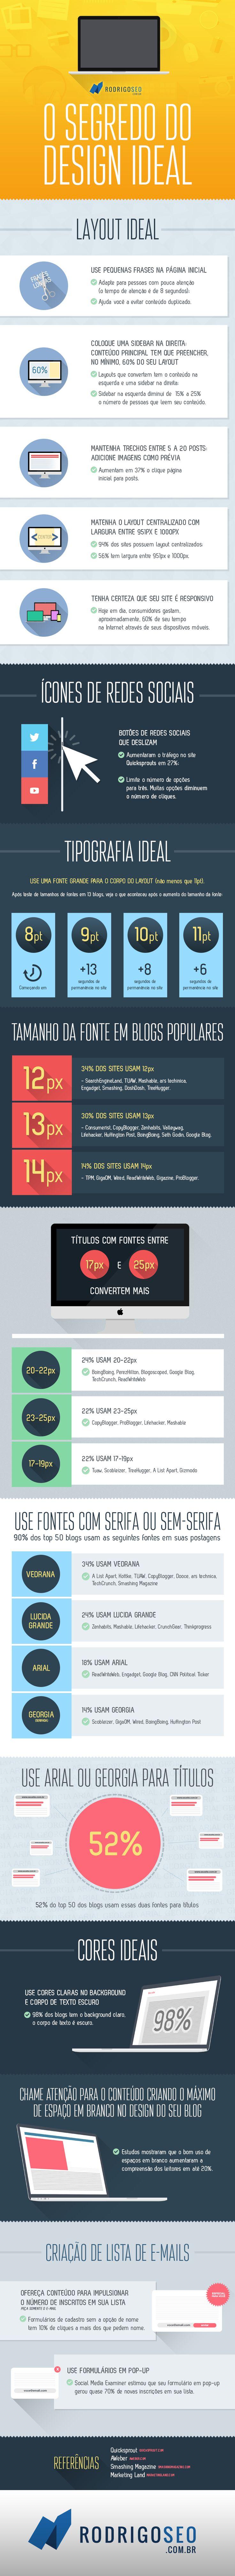 O Segredo do Layout Para Blog - Um estudo feito baseado em mais de 100 blogs para você.   Faça o Dowload em alta definição - http://rodrigoseo.com.br/o-segredo-do-layout-para-blog-ideal/